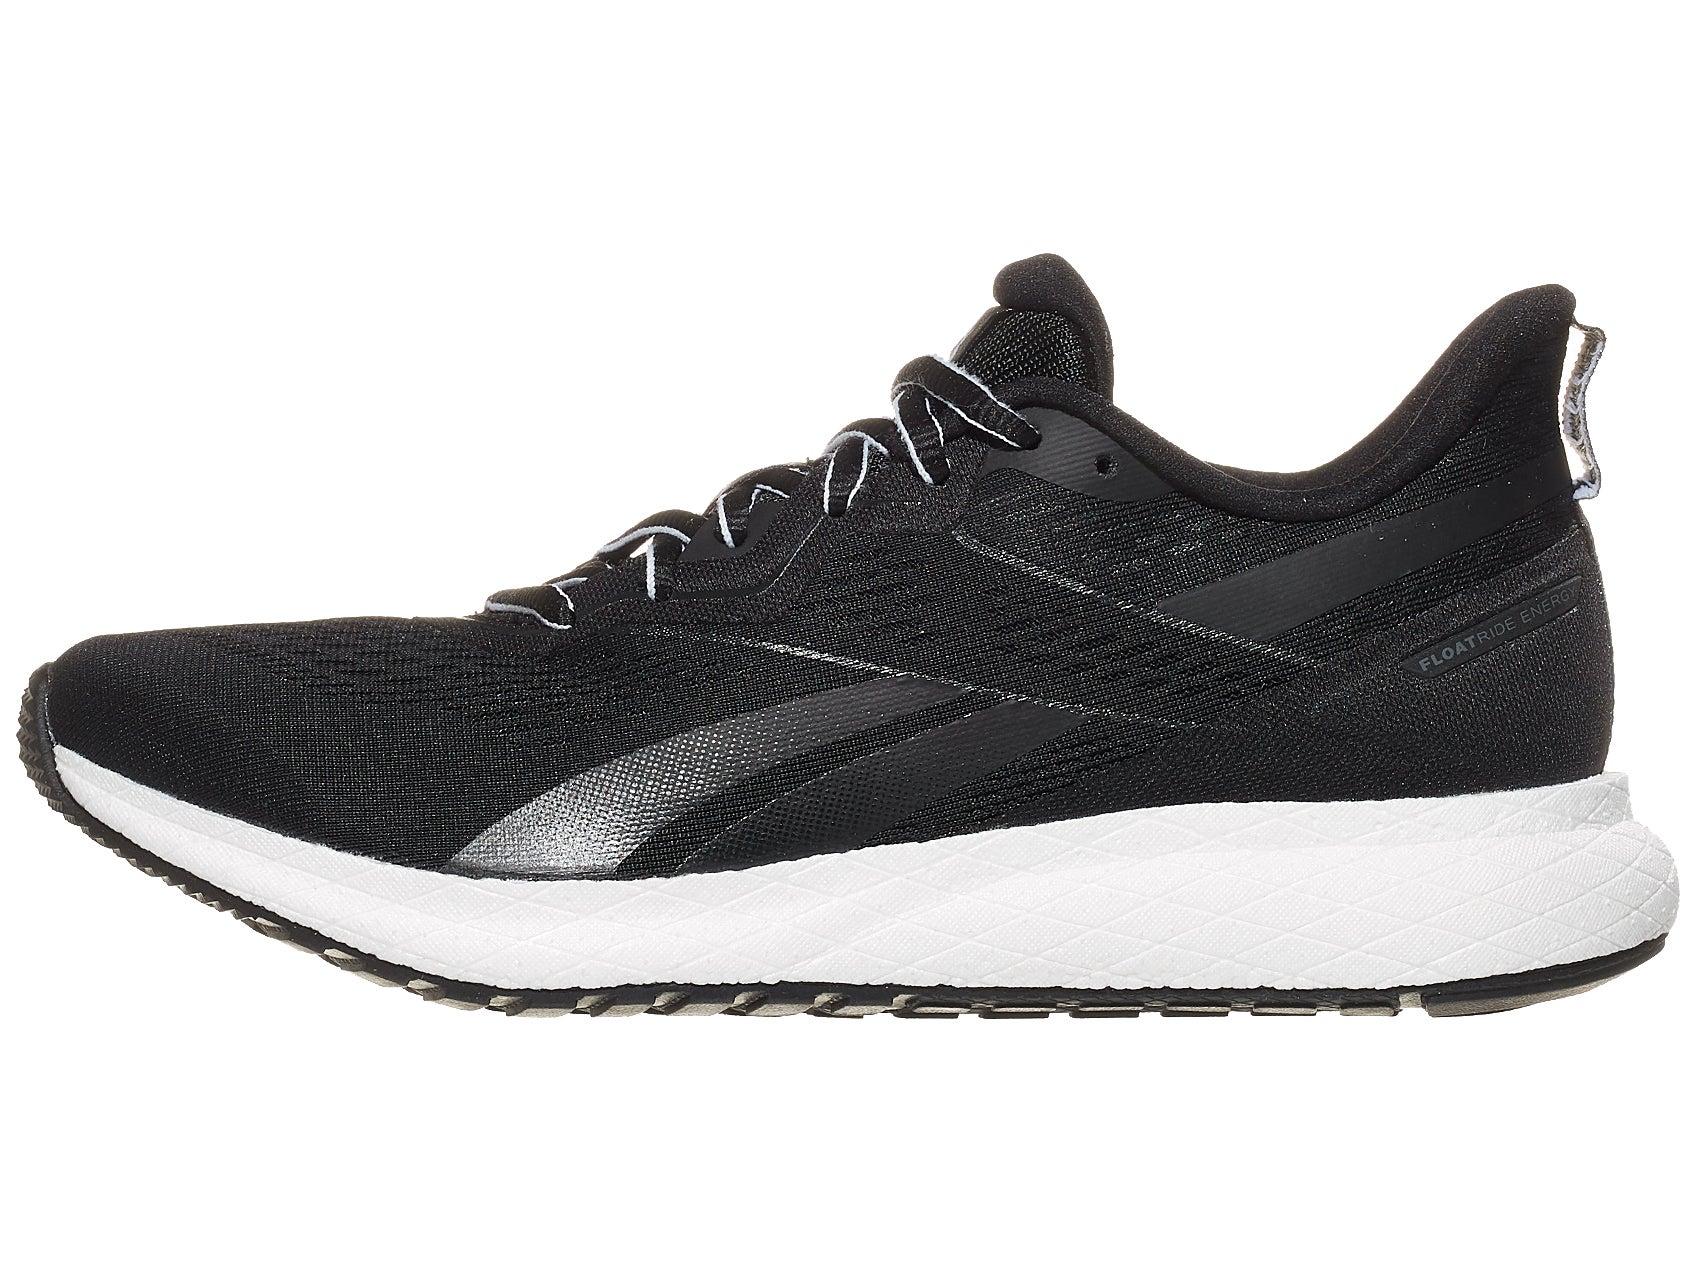 Reebok Forever Floatride Energy 2.0 Mens Running Shoes Black